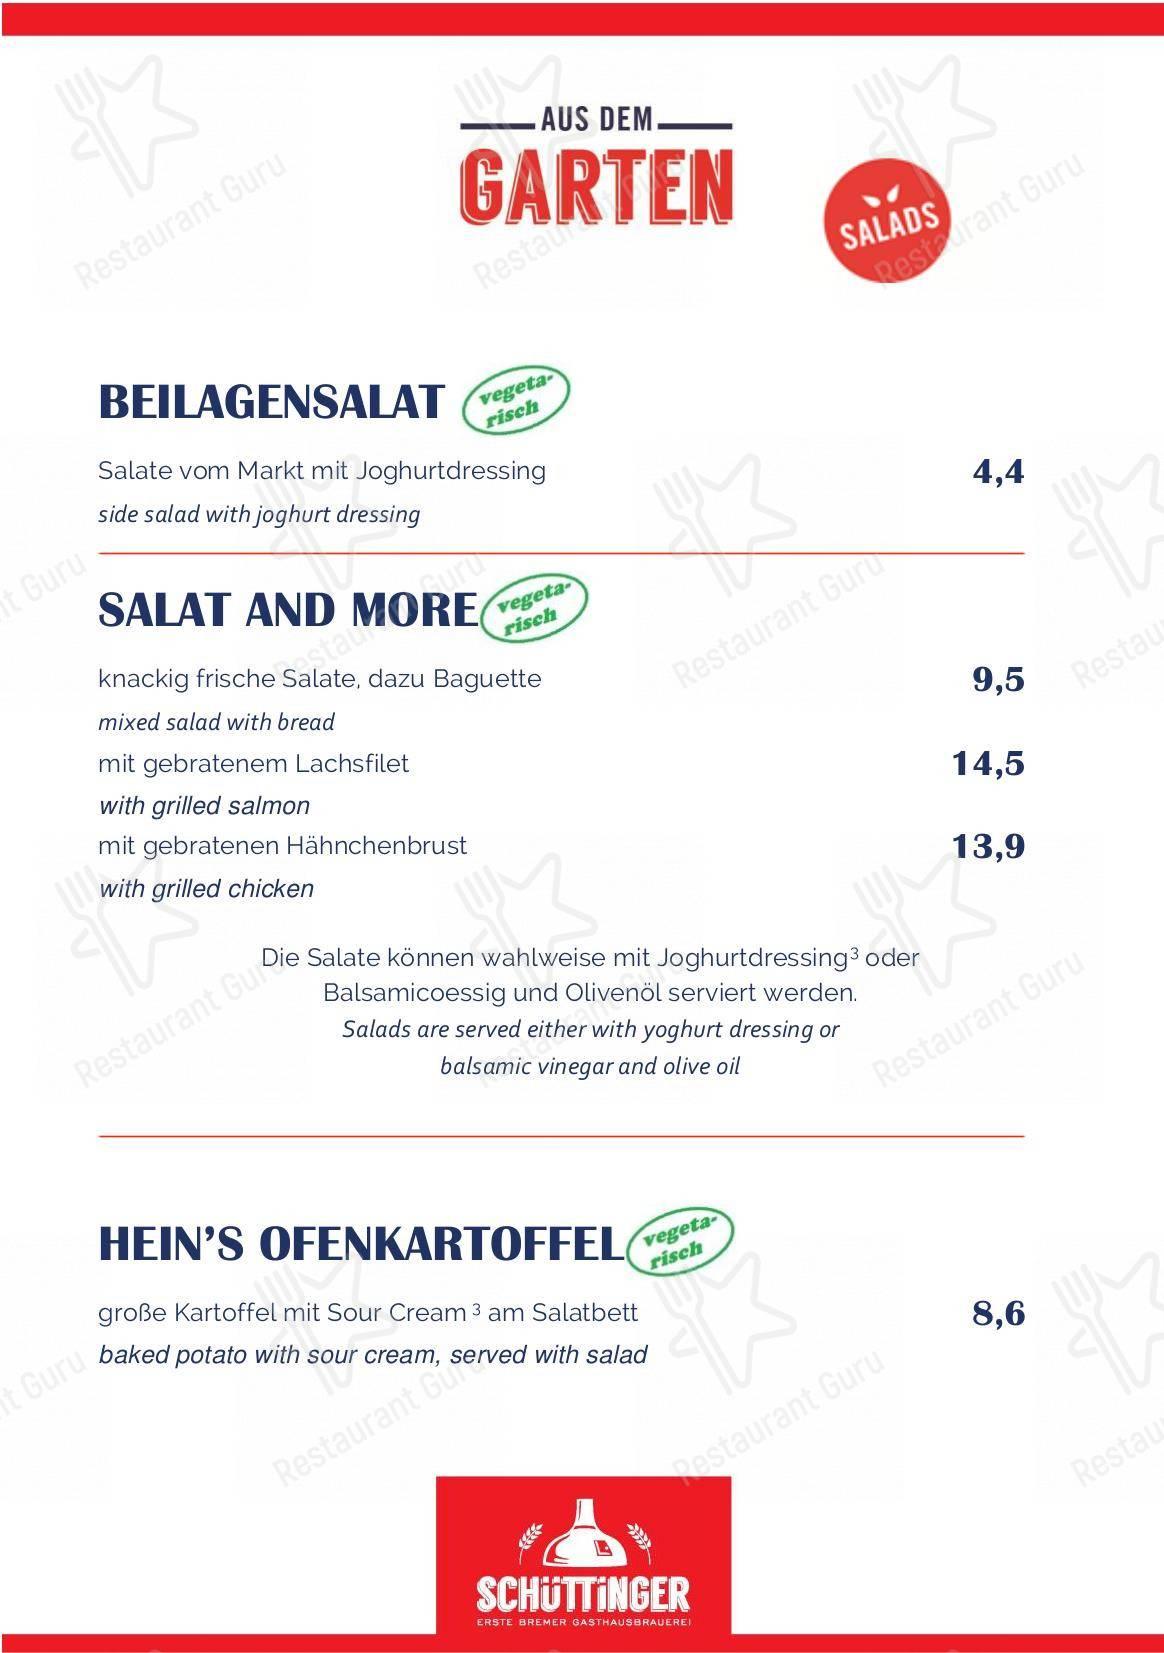 Schüttinger Gasthausbrauerei menu - meals and drinks